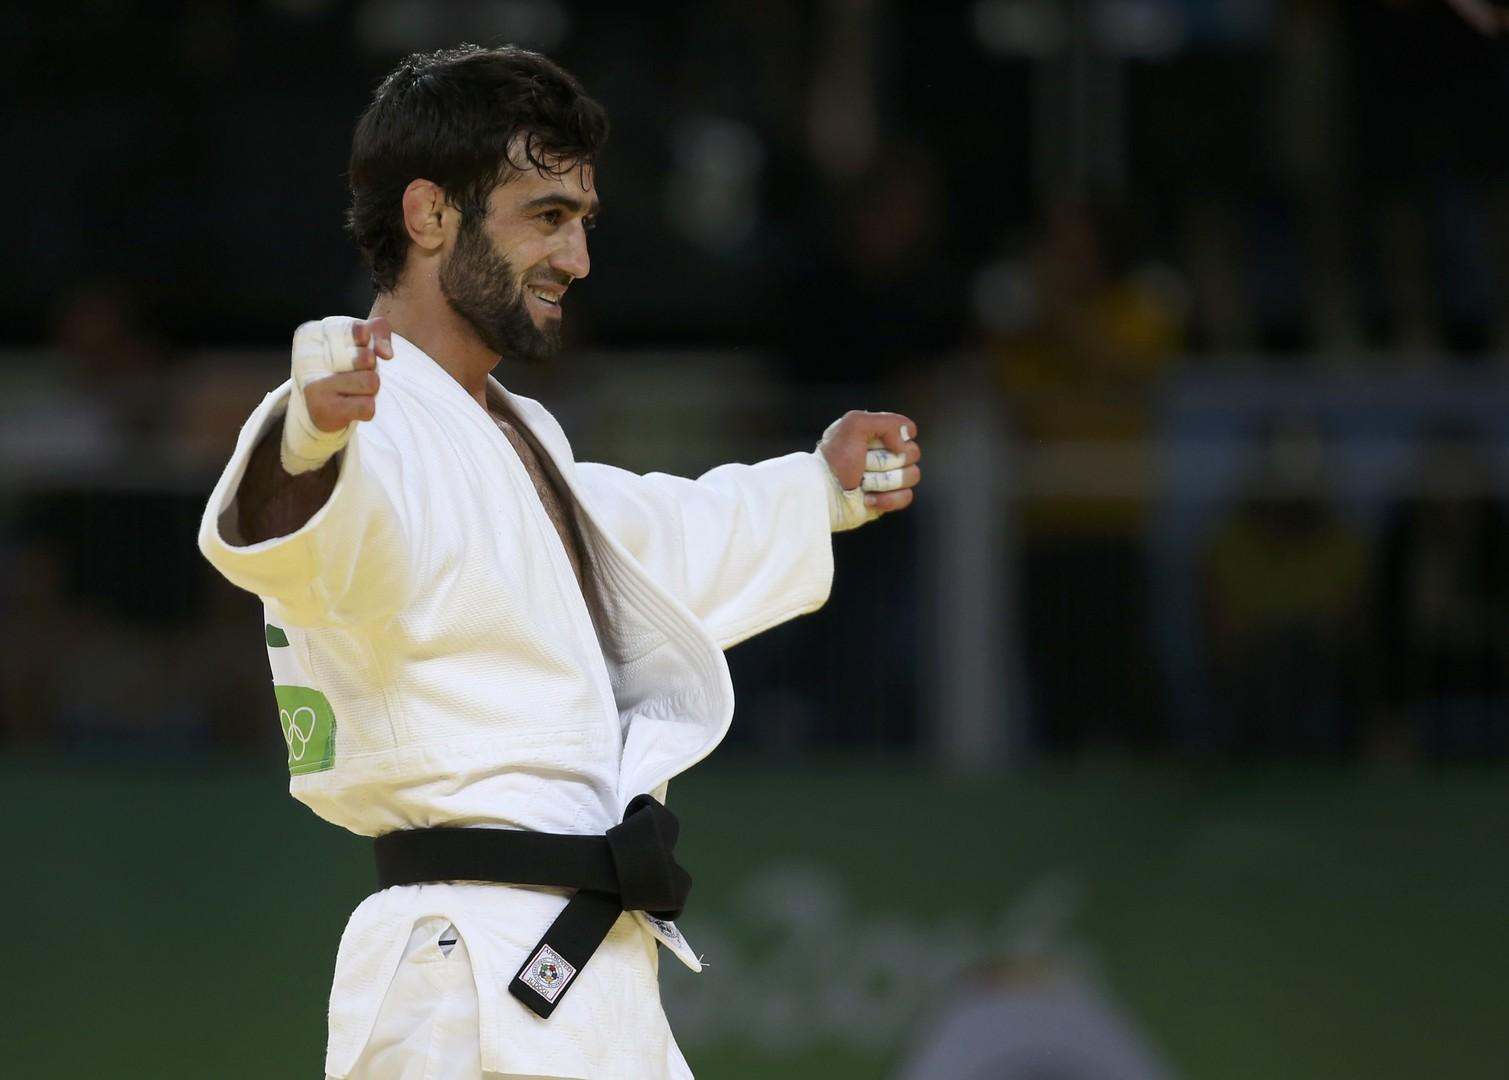 Дзюдоист Беслан Мудранов приносит России первое золото на Олимпиаде в Рио.